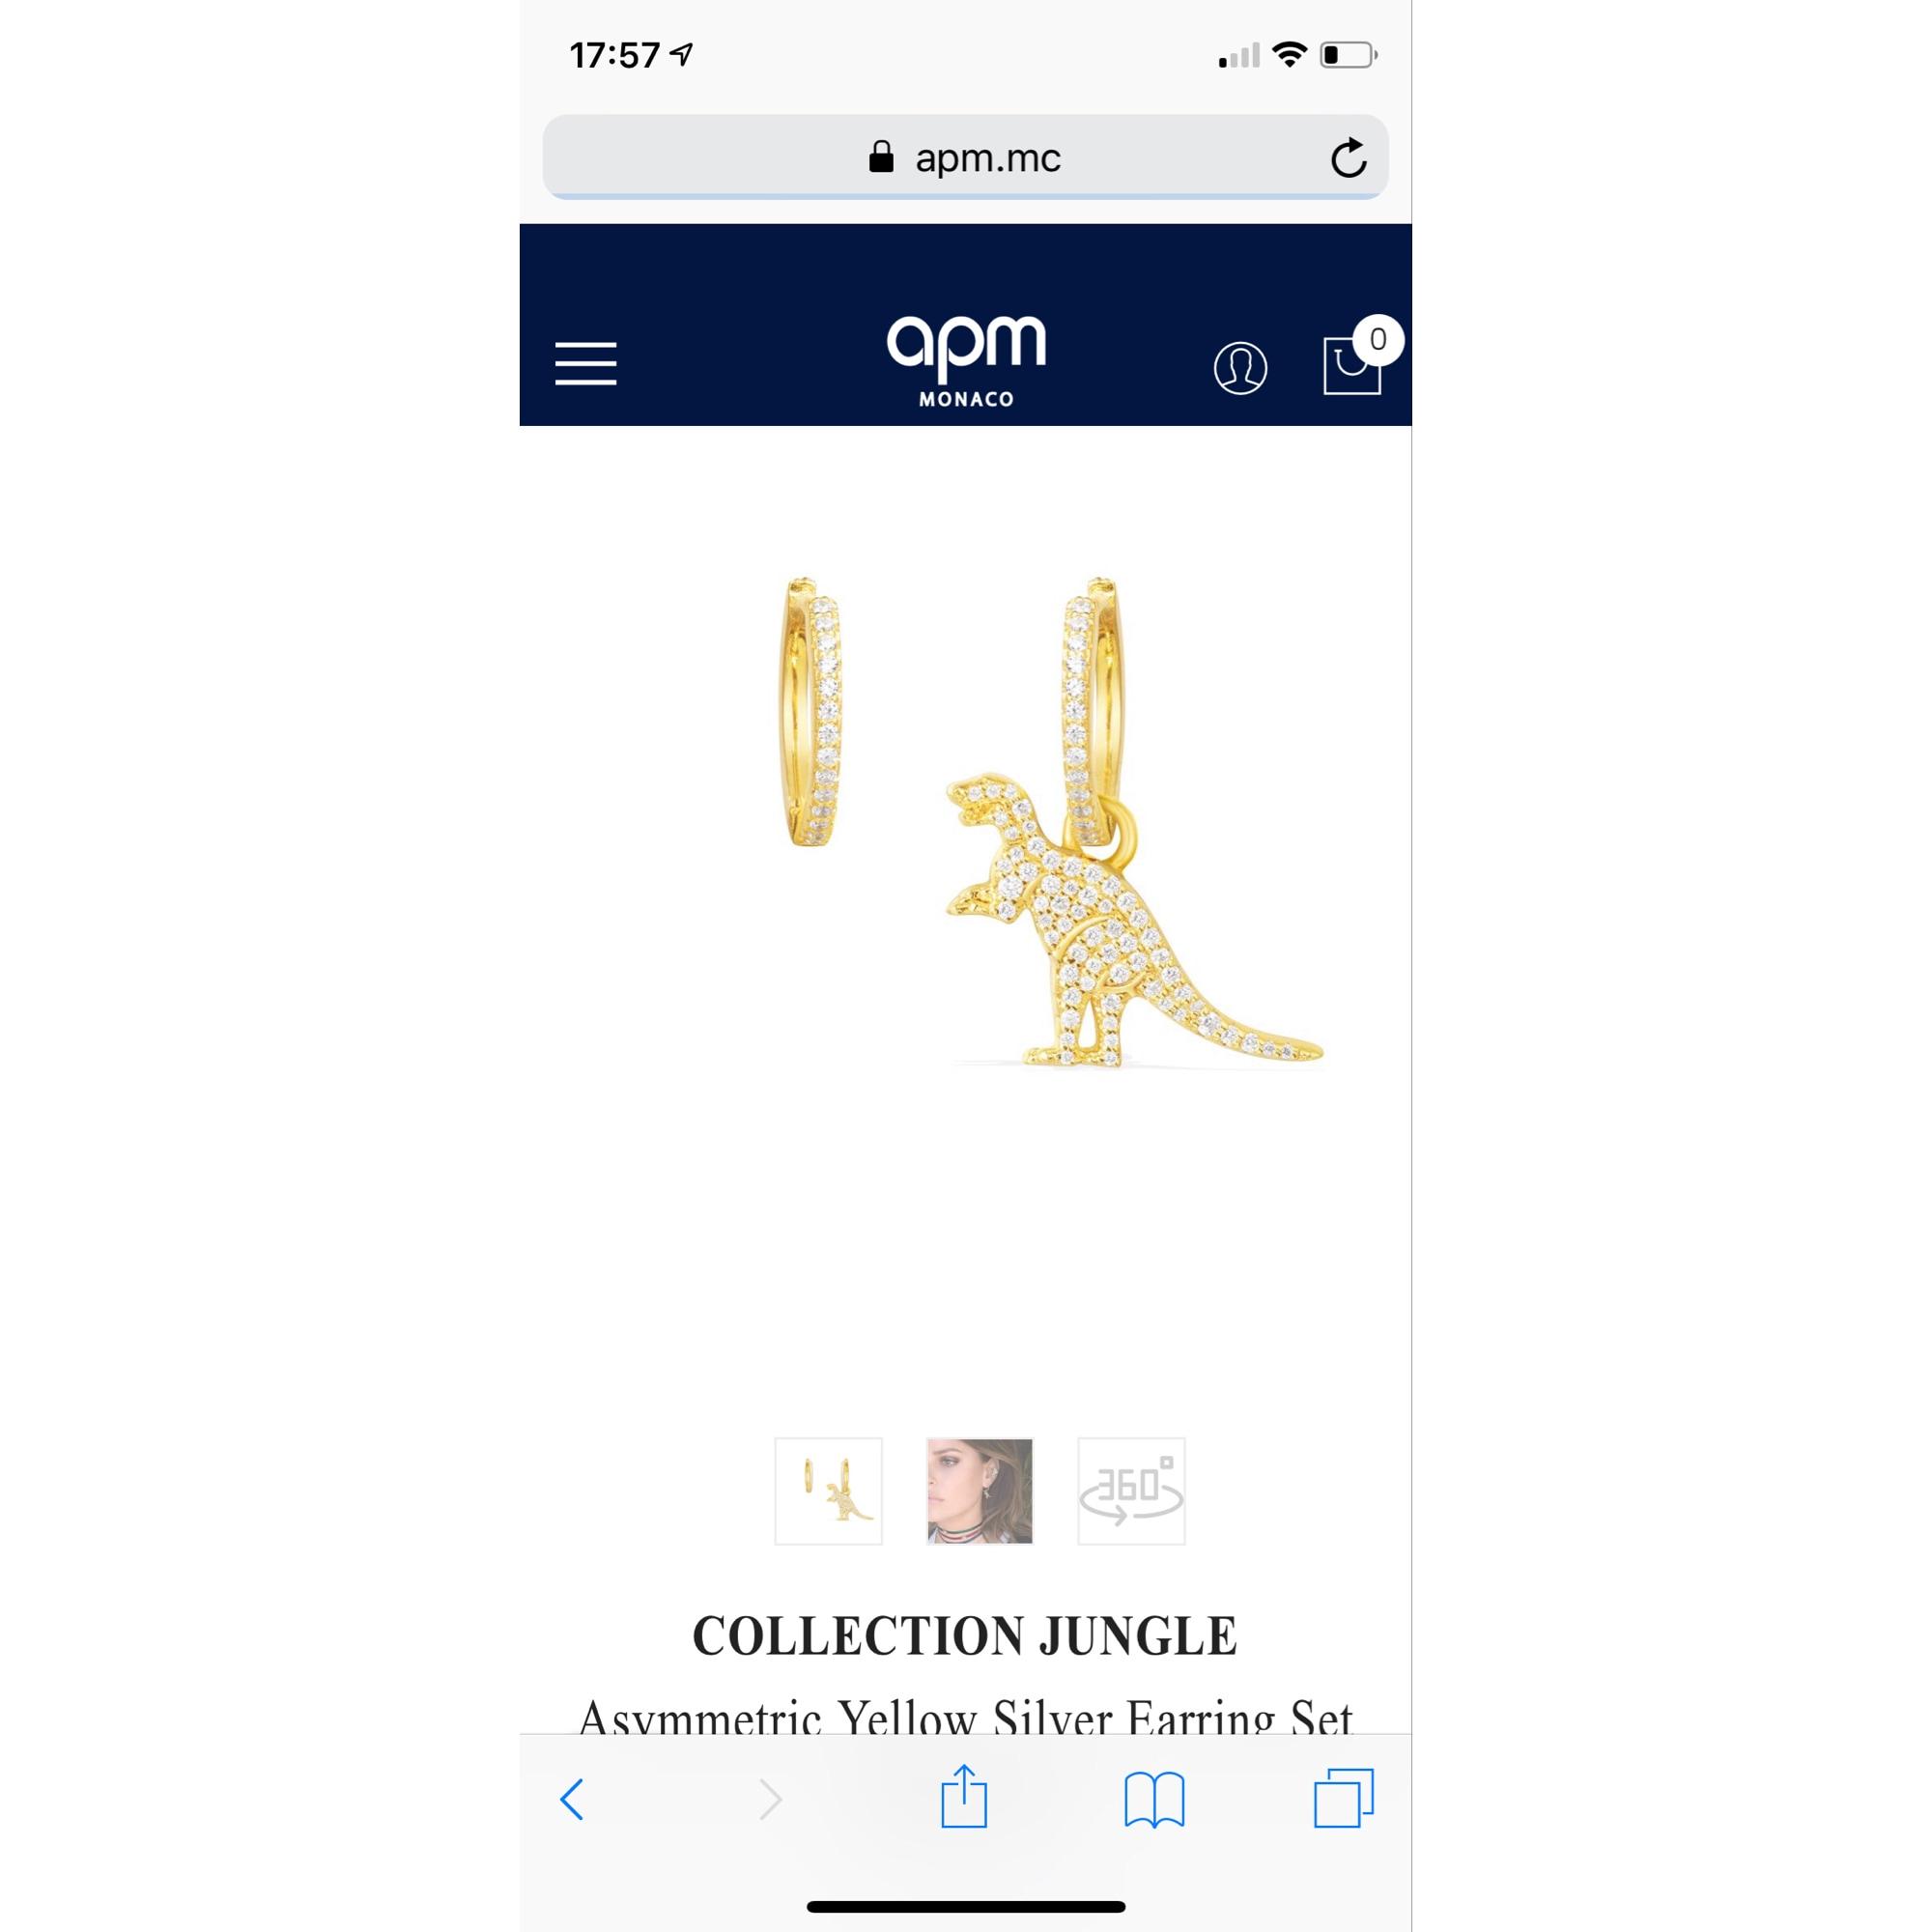 Boucles d'oreille APM argent doré